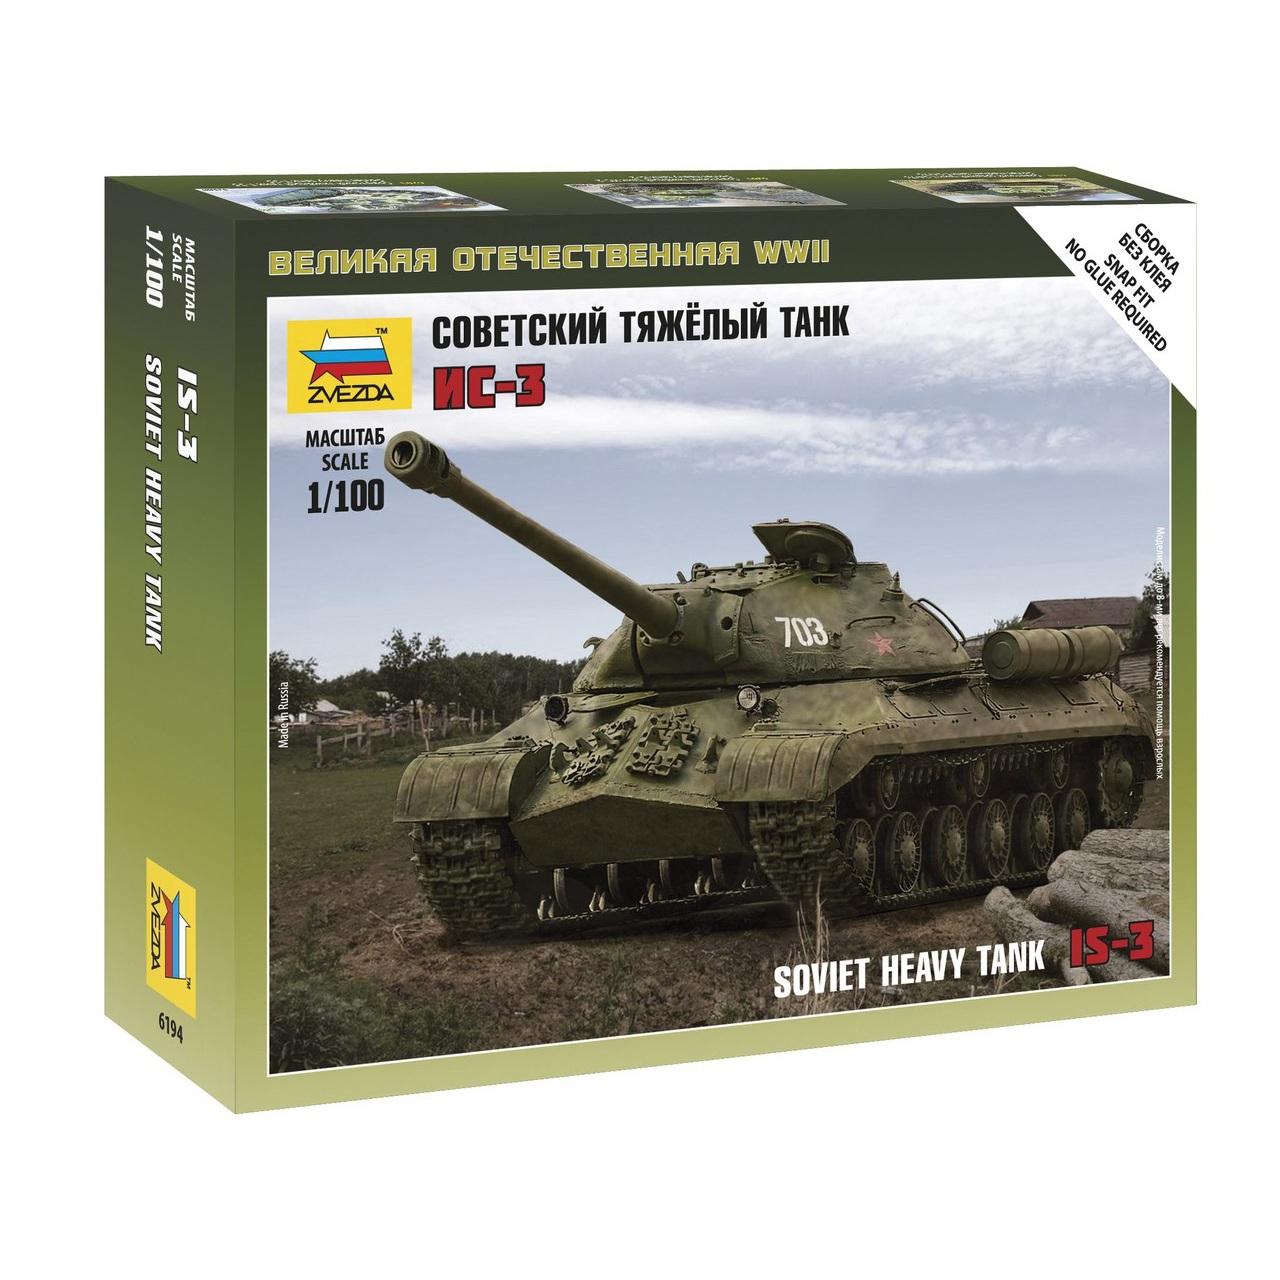 Купить Сборная модель - Советский тяжелый танк ИС-3, 1:100, ZVEZDA